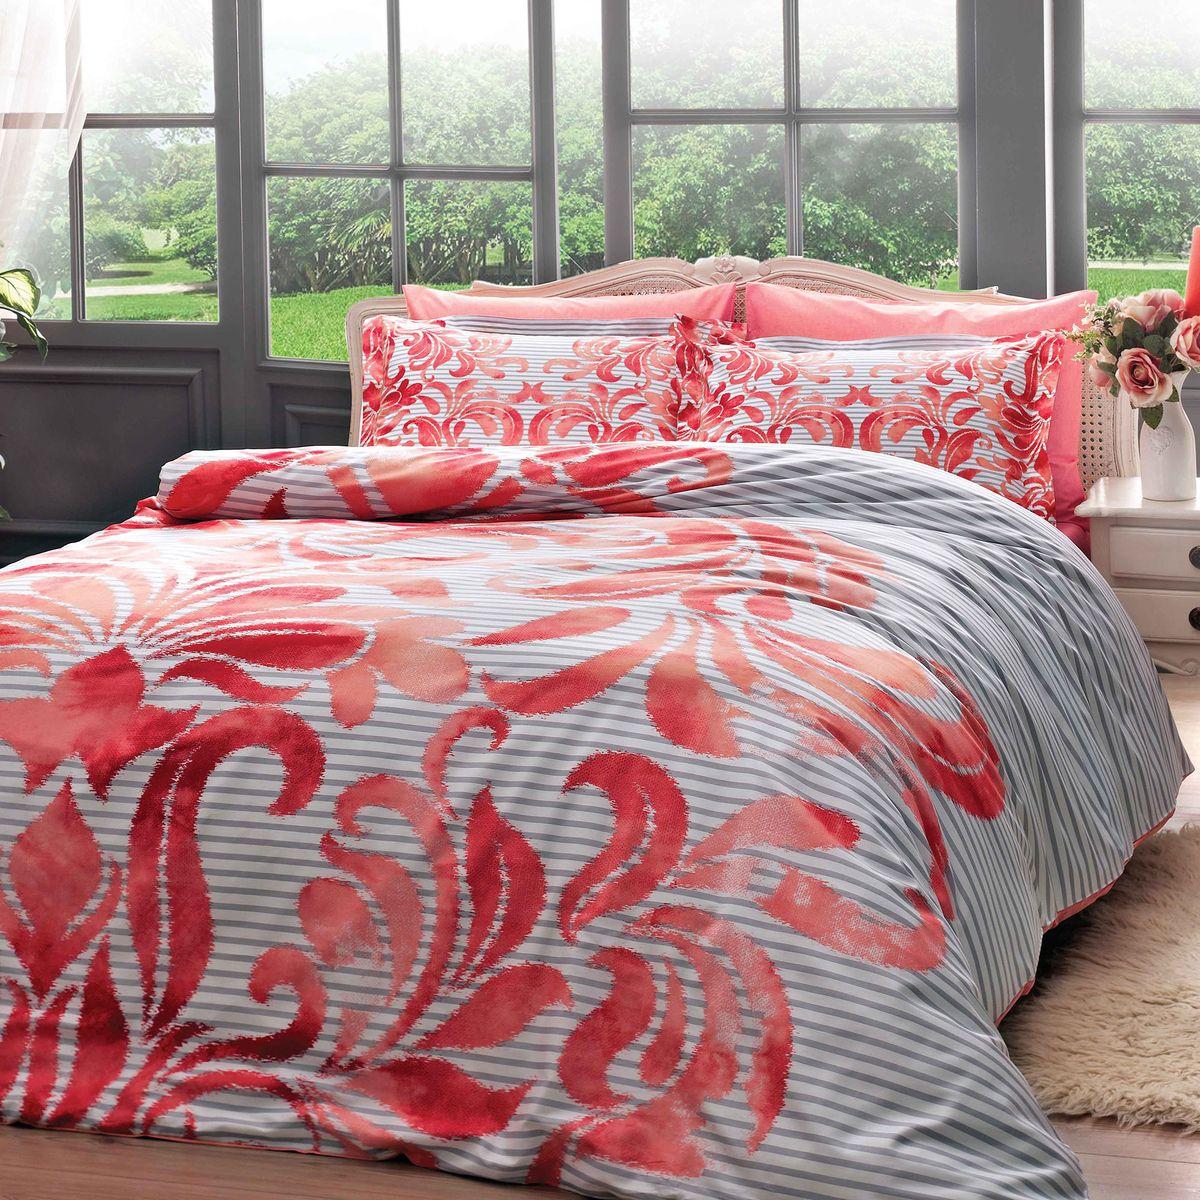 Комплект белья TAC Fabrice, 2-спальный, наволочки 50х70 см4245-35717Показатель должного внимания. Выбирая Satin Delux, Вы выбираете престиж. Эксклюзивность и непревзойденность в деталях пошива и дизайне.Сатин – гладкая и прочная ткань, которая своим блеском, легкостью и гладкостью похожа на шелк, но выгодно отличается от него в цене. Сатин практически не мнется, поэтому его можно не гладить. Ко всему прочему, он весьма практичен, т.к. хорошо переносит множественные стирки. Если Вы ценитель эстетики и практичности одновременно, безусловно, сатин для Вас!